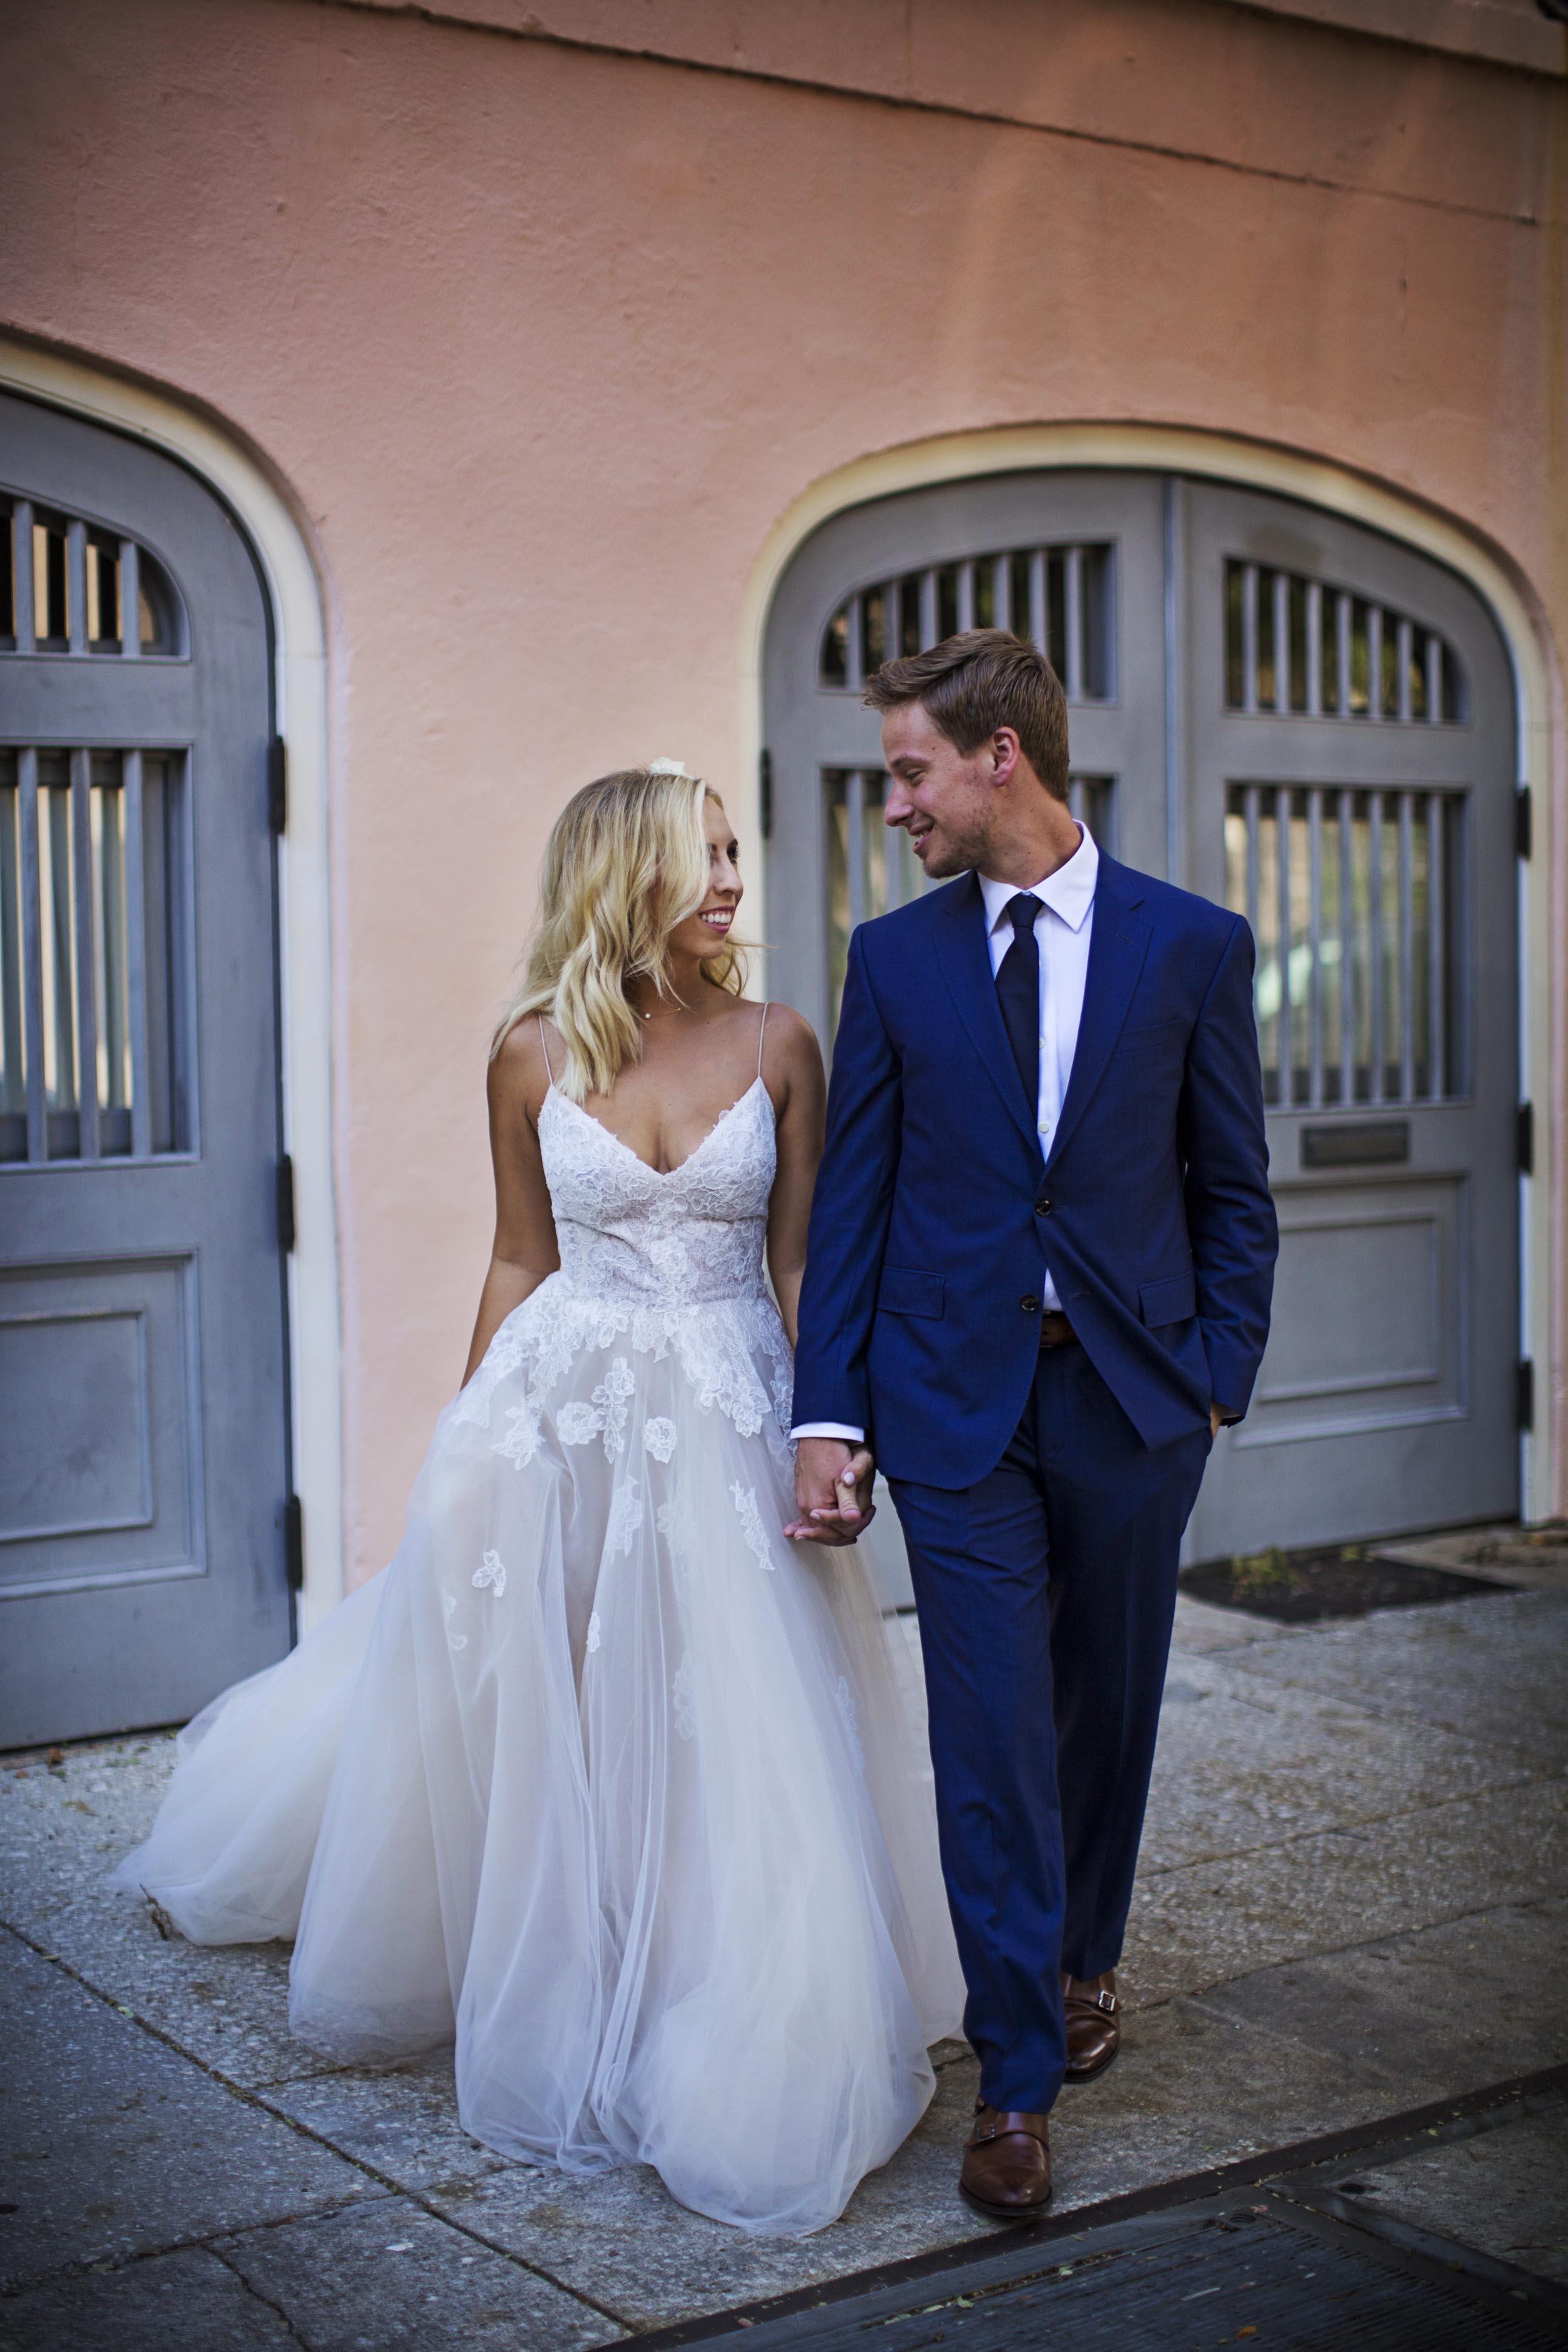 weddings-charleston09.JPG